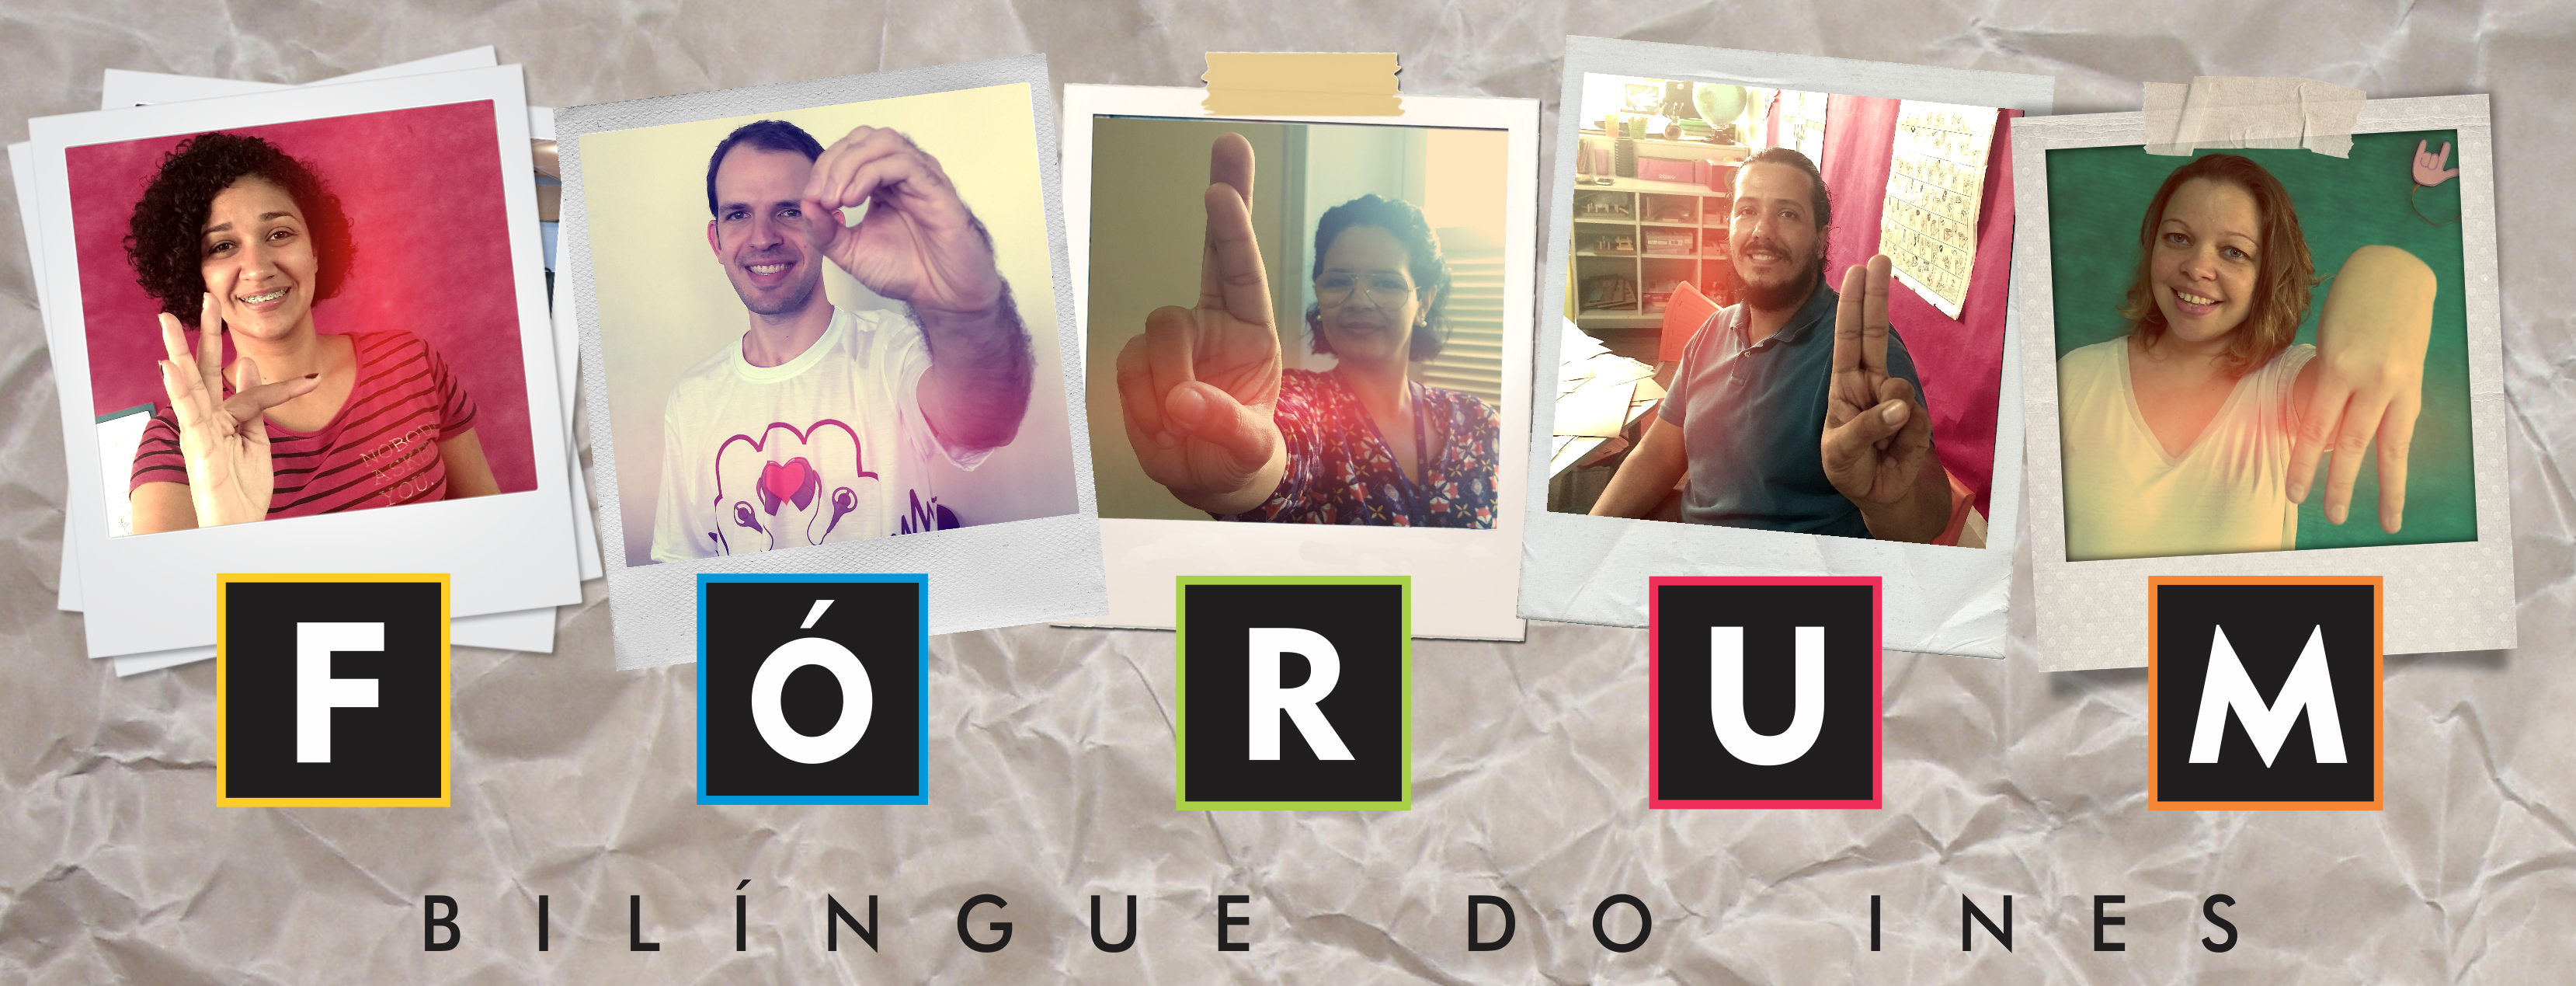 Fórum Bilíngue do INES terá edição especial no dia 28 sobre políticas linguísticas